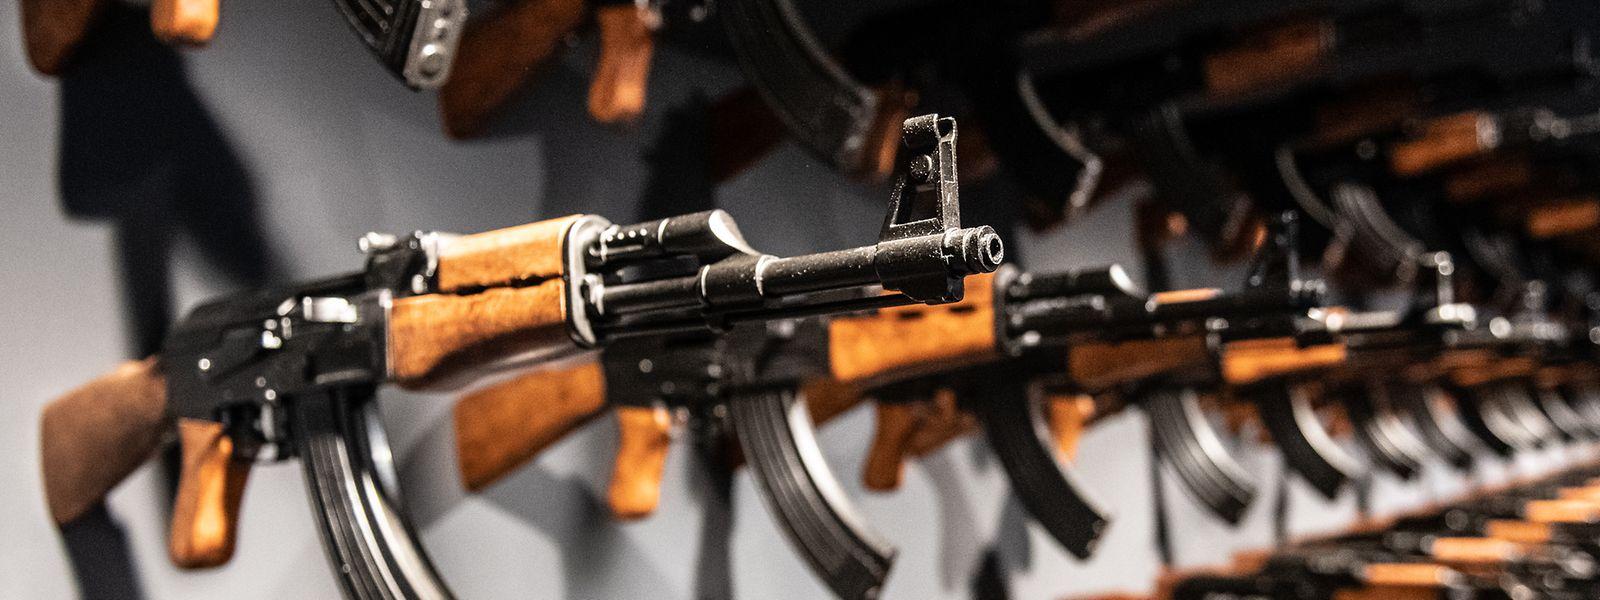 Russland feiert die berühmteste Waffe der Welt - und ihren Erfinder Michail Kalaschnikow.